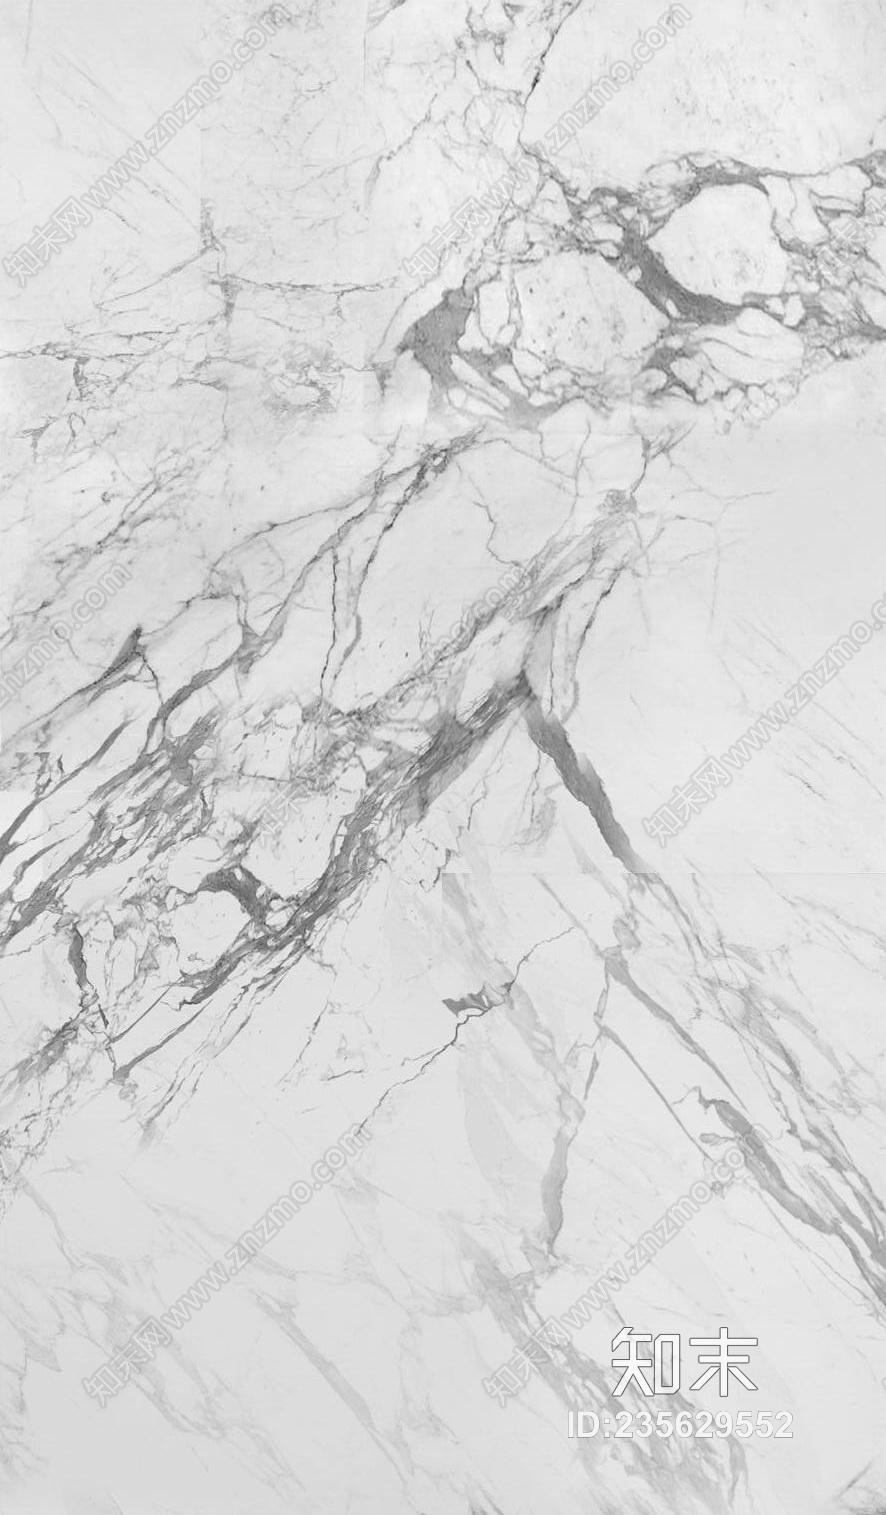 白色砖墙贴图_爵士白,鱼肚白,大理石,白色大理石,贴图下载【ID:235629552 ...